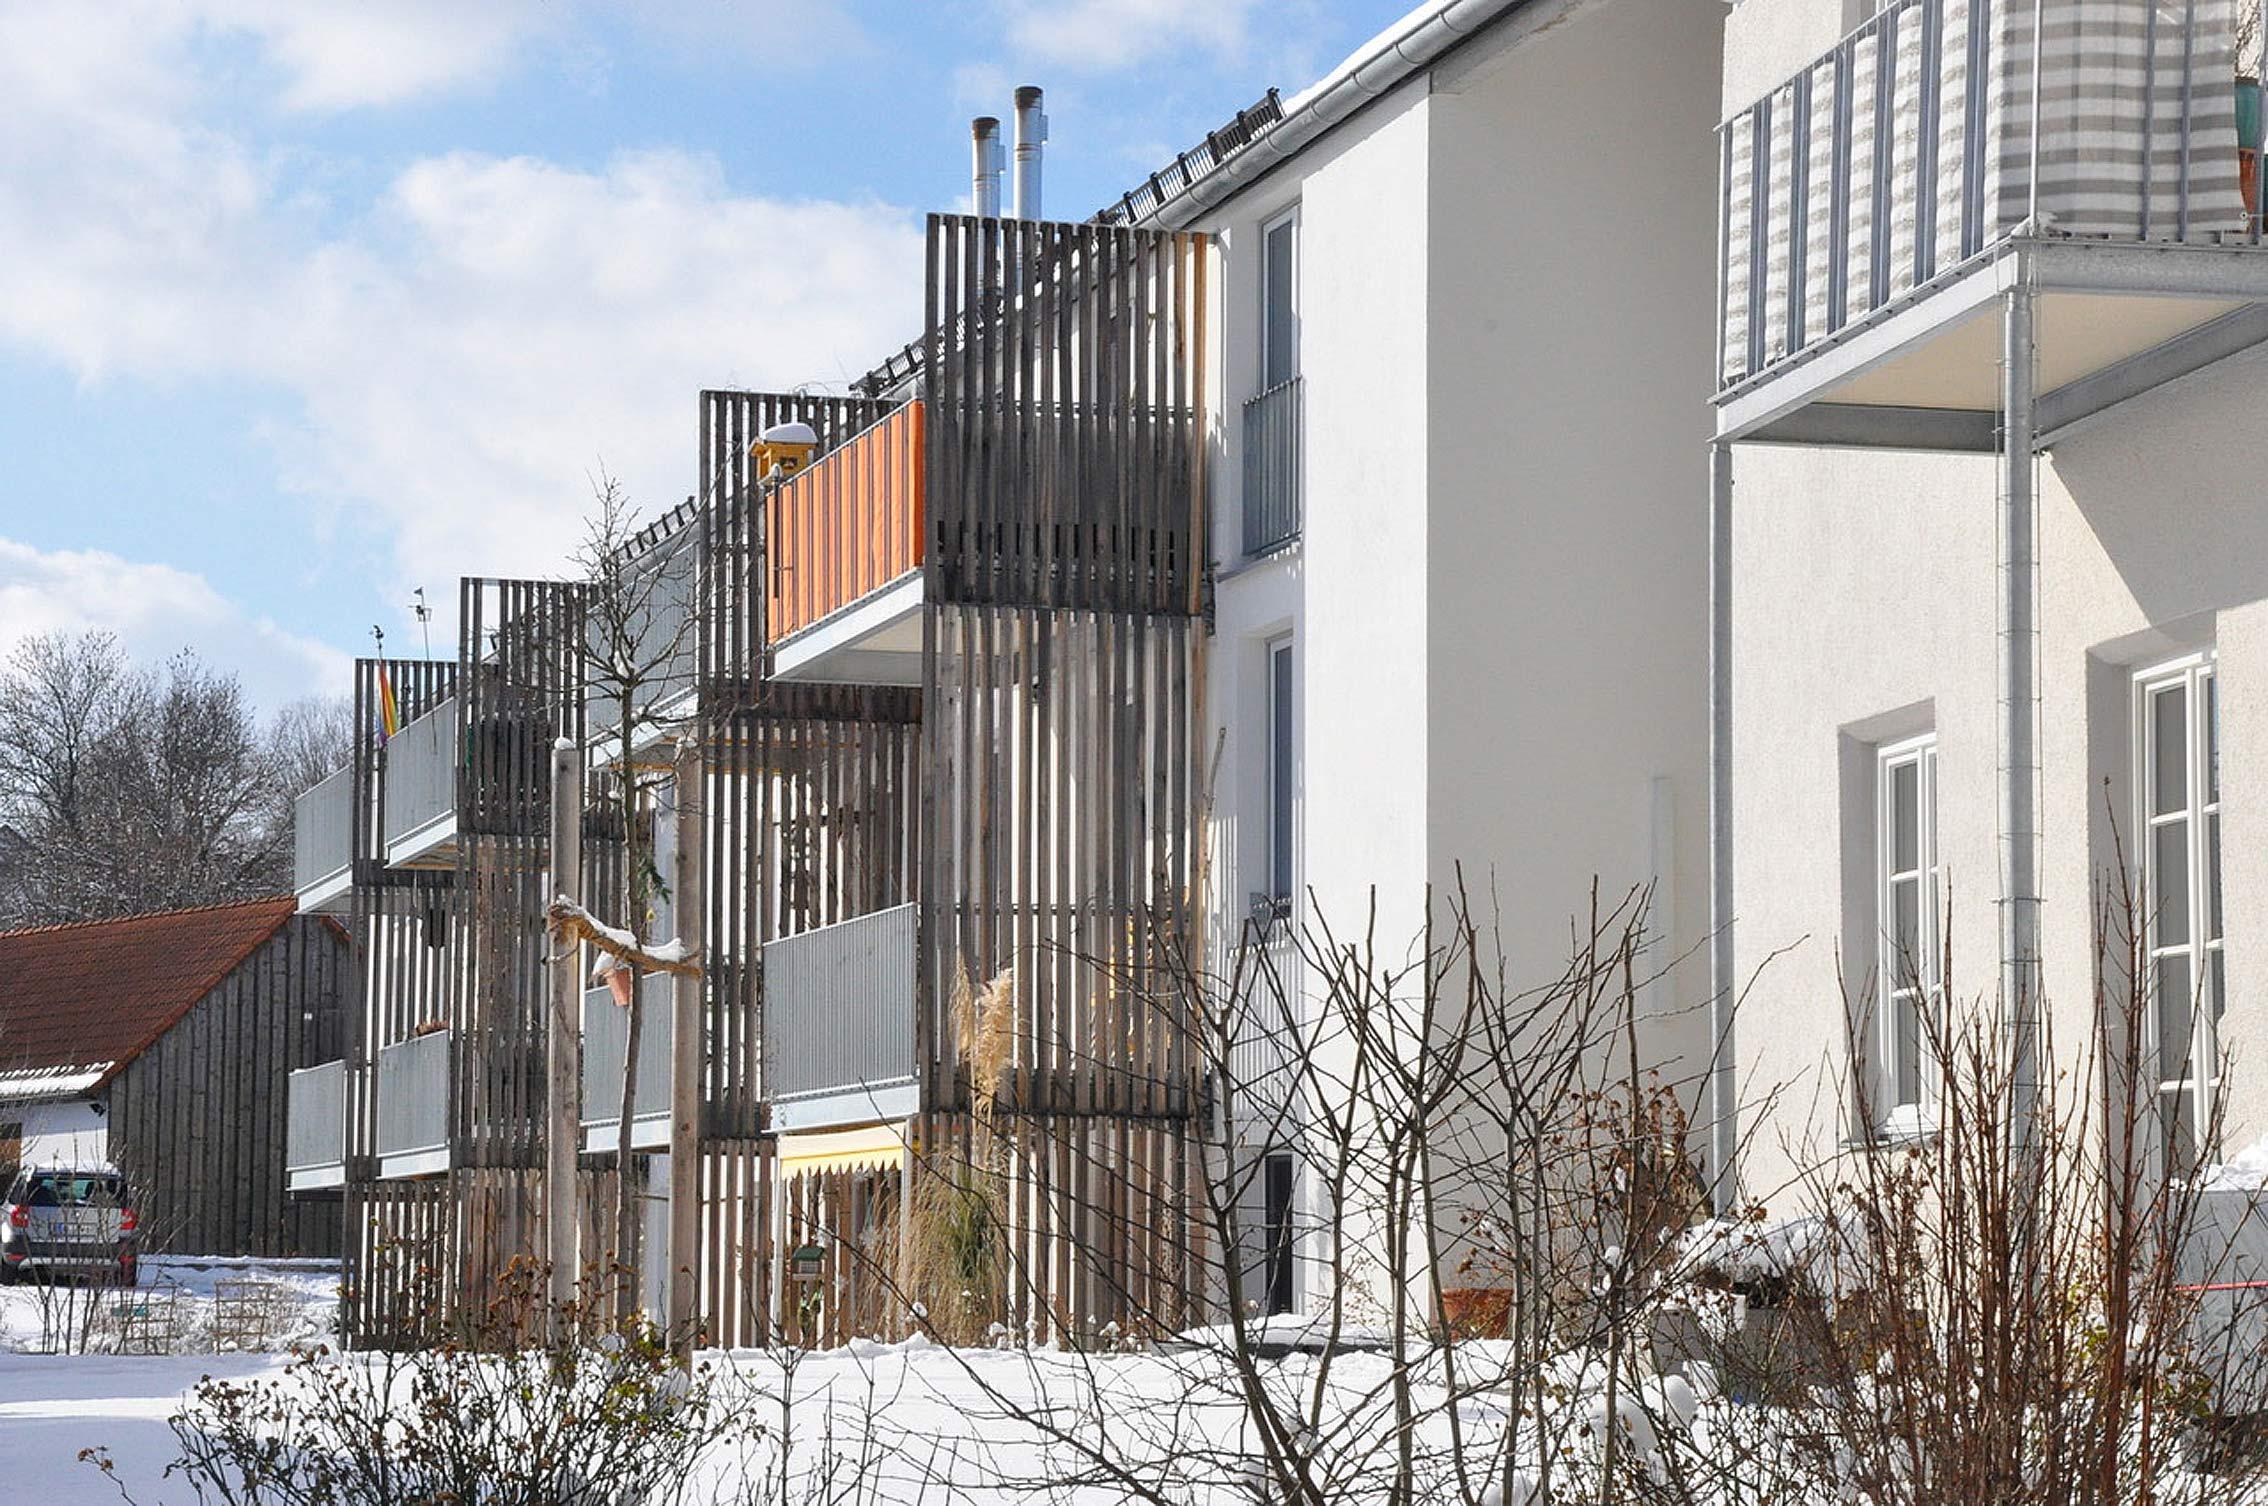 Windach: Architekt Sunder-Plassmann hat im Auftrag der Genossenschaft Maro ein Mehrgenerationenpprojekt umgesetzt